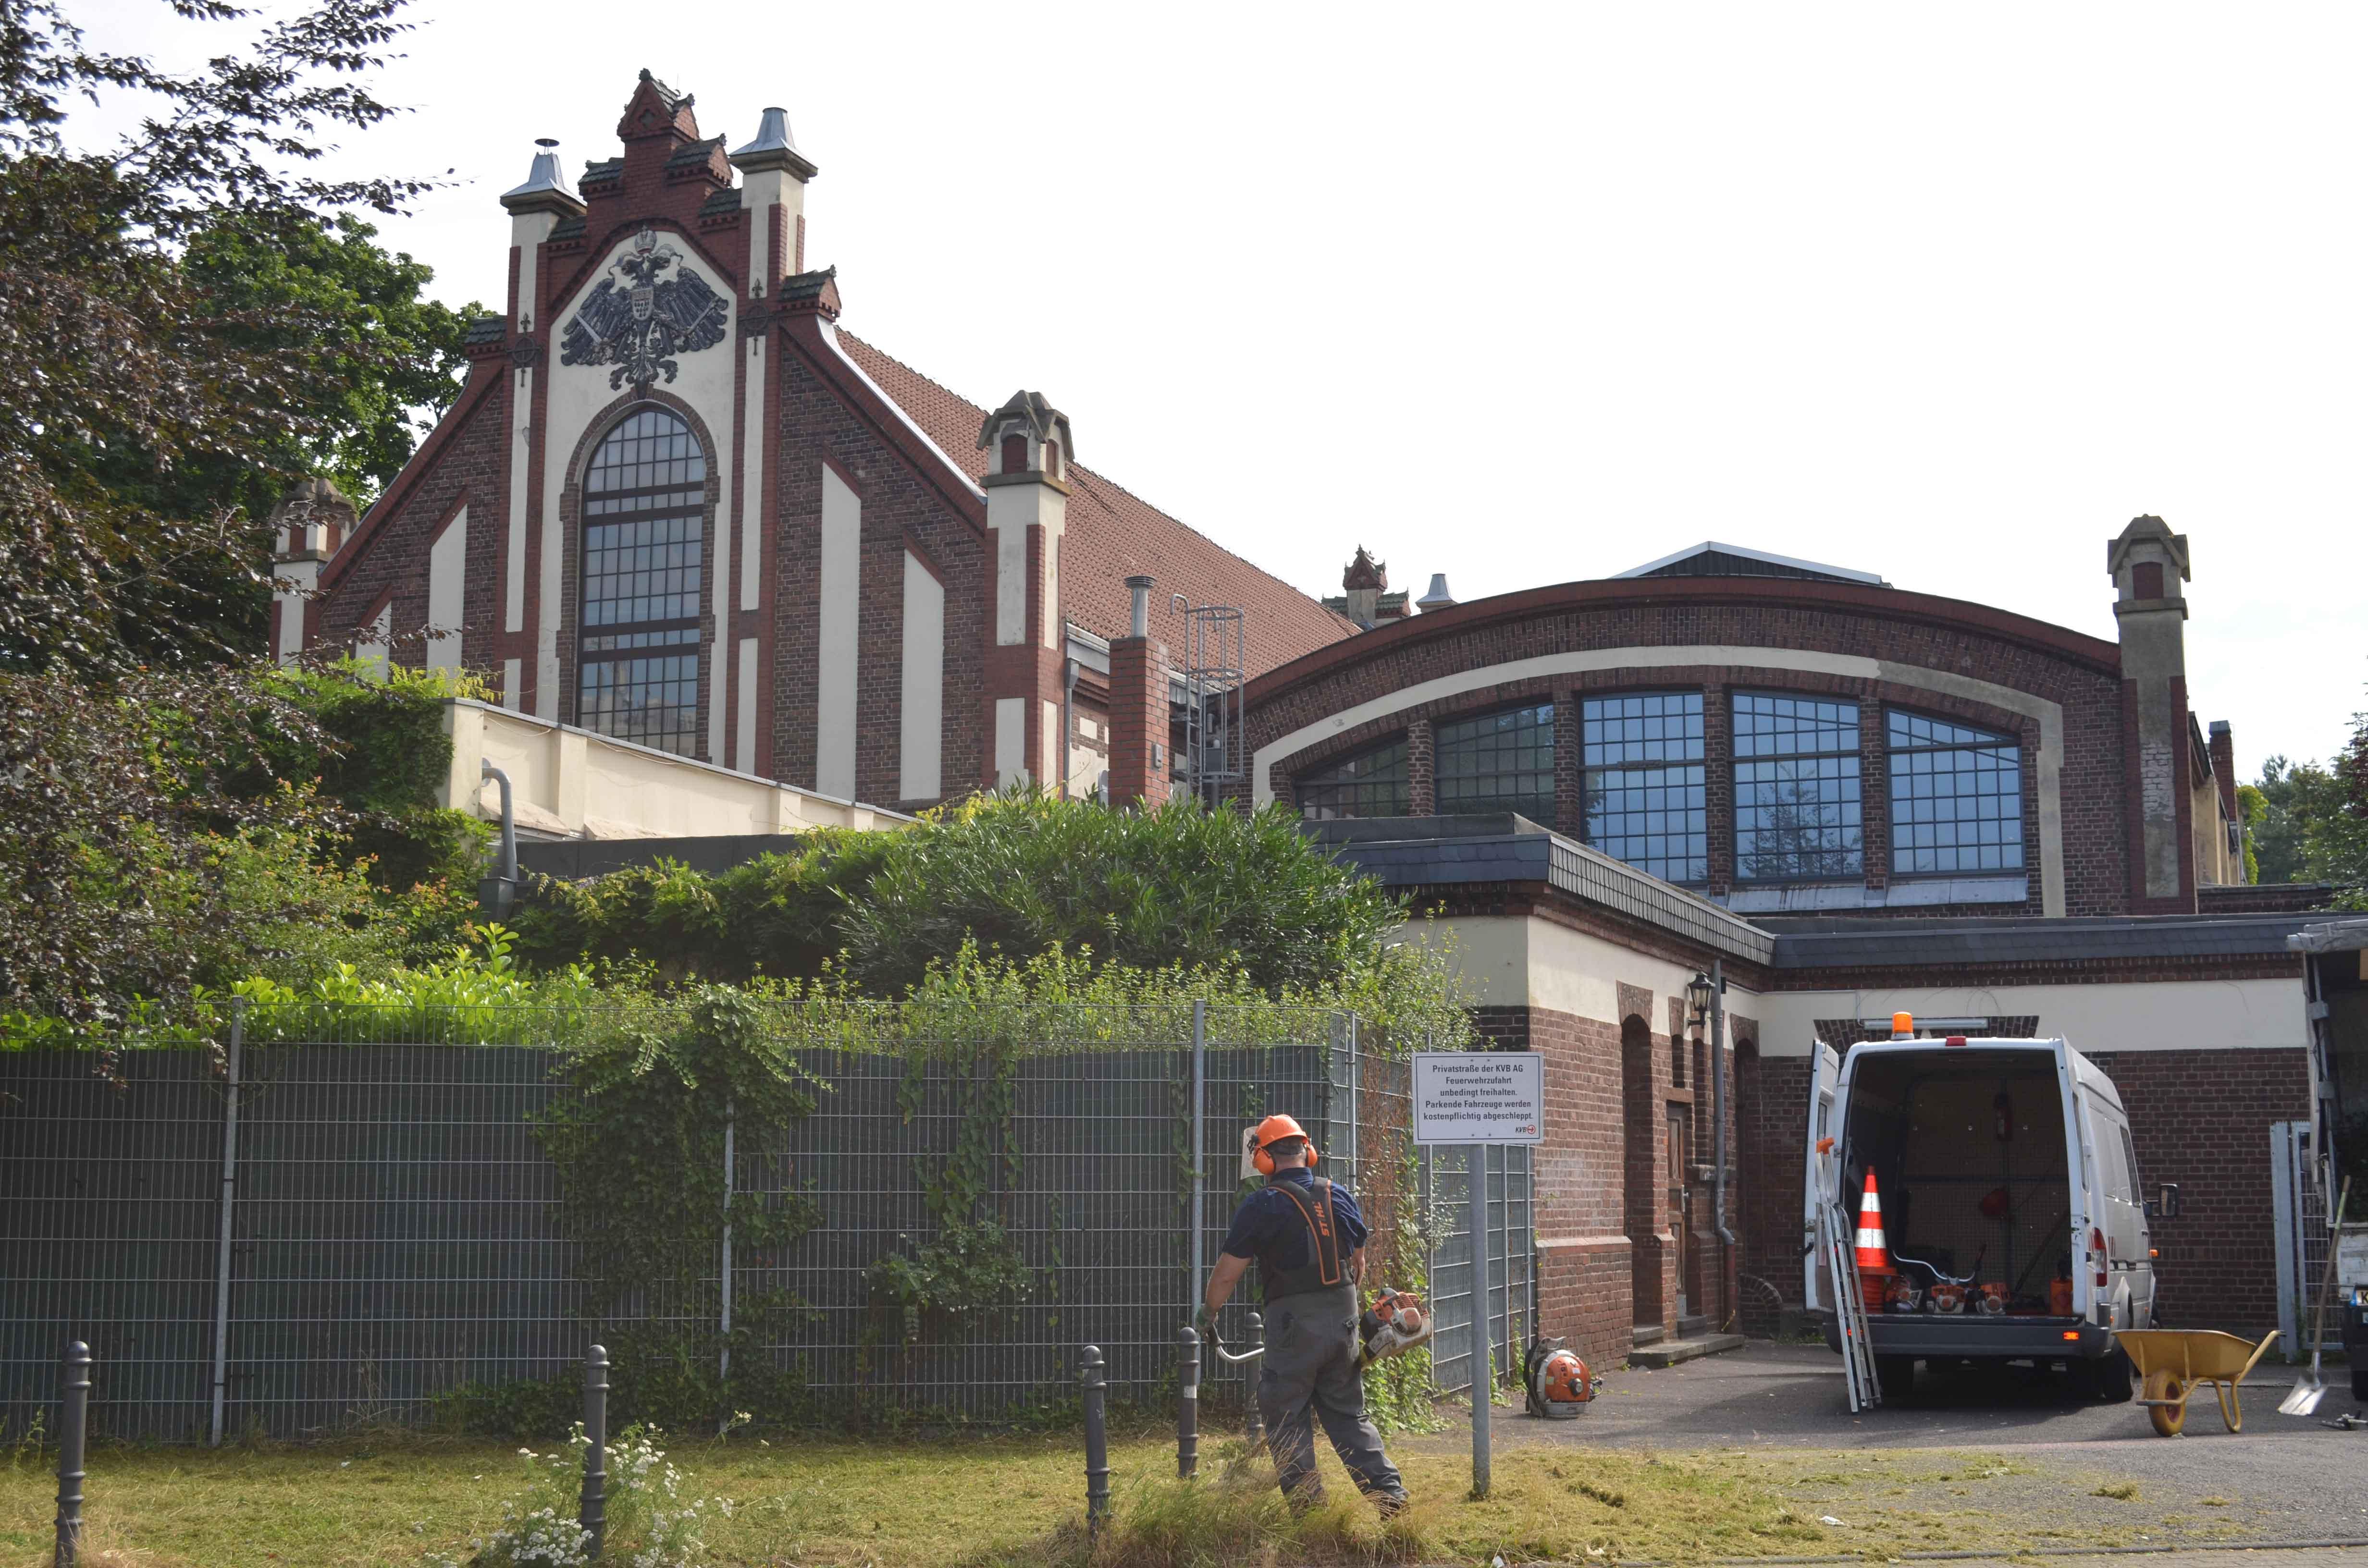 Teile des denkmalgeschützten Gebäudes in Ostheim werden von der KVB noch als Unterwerk zur Stromversorgung genutzt.